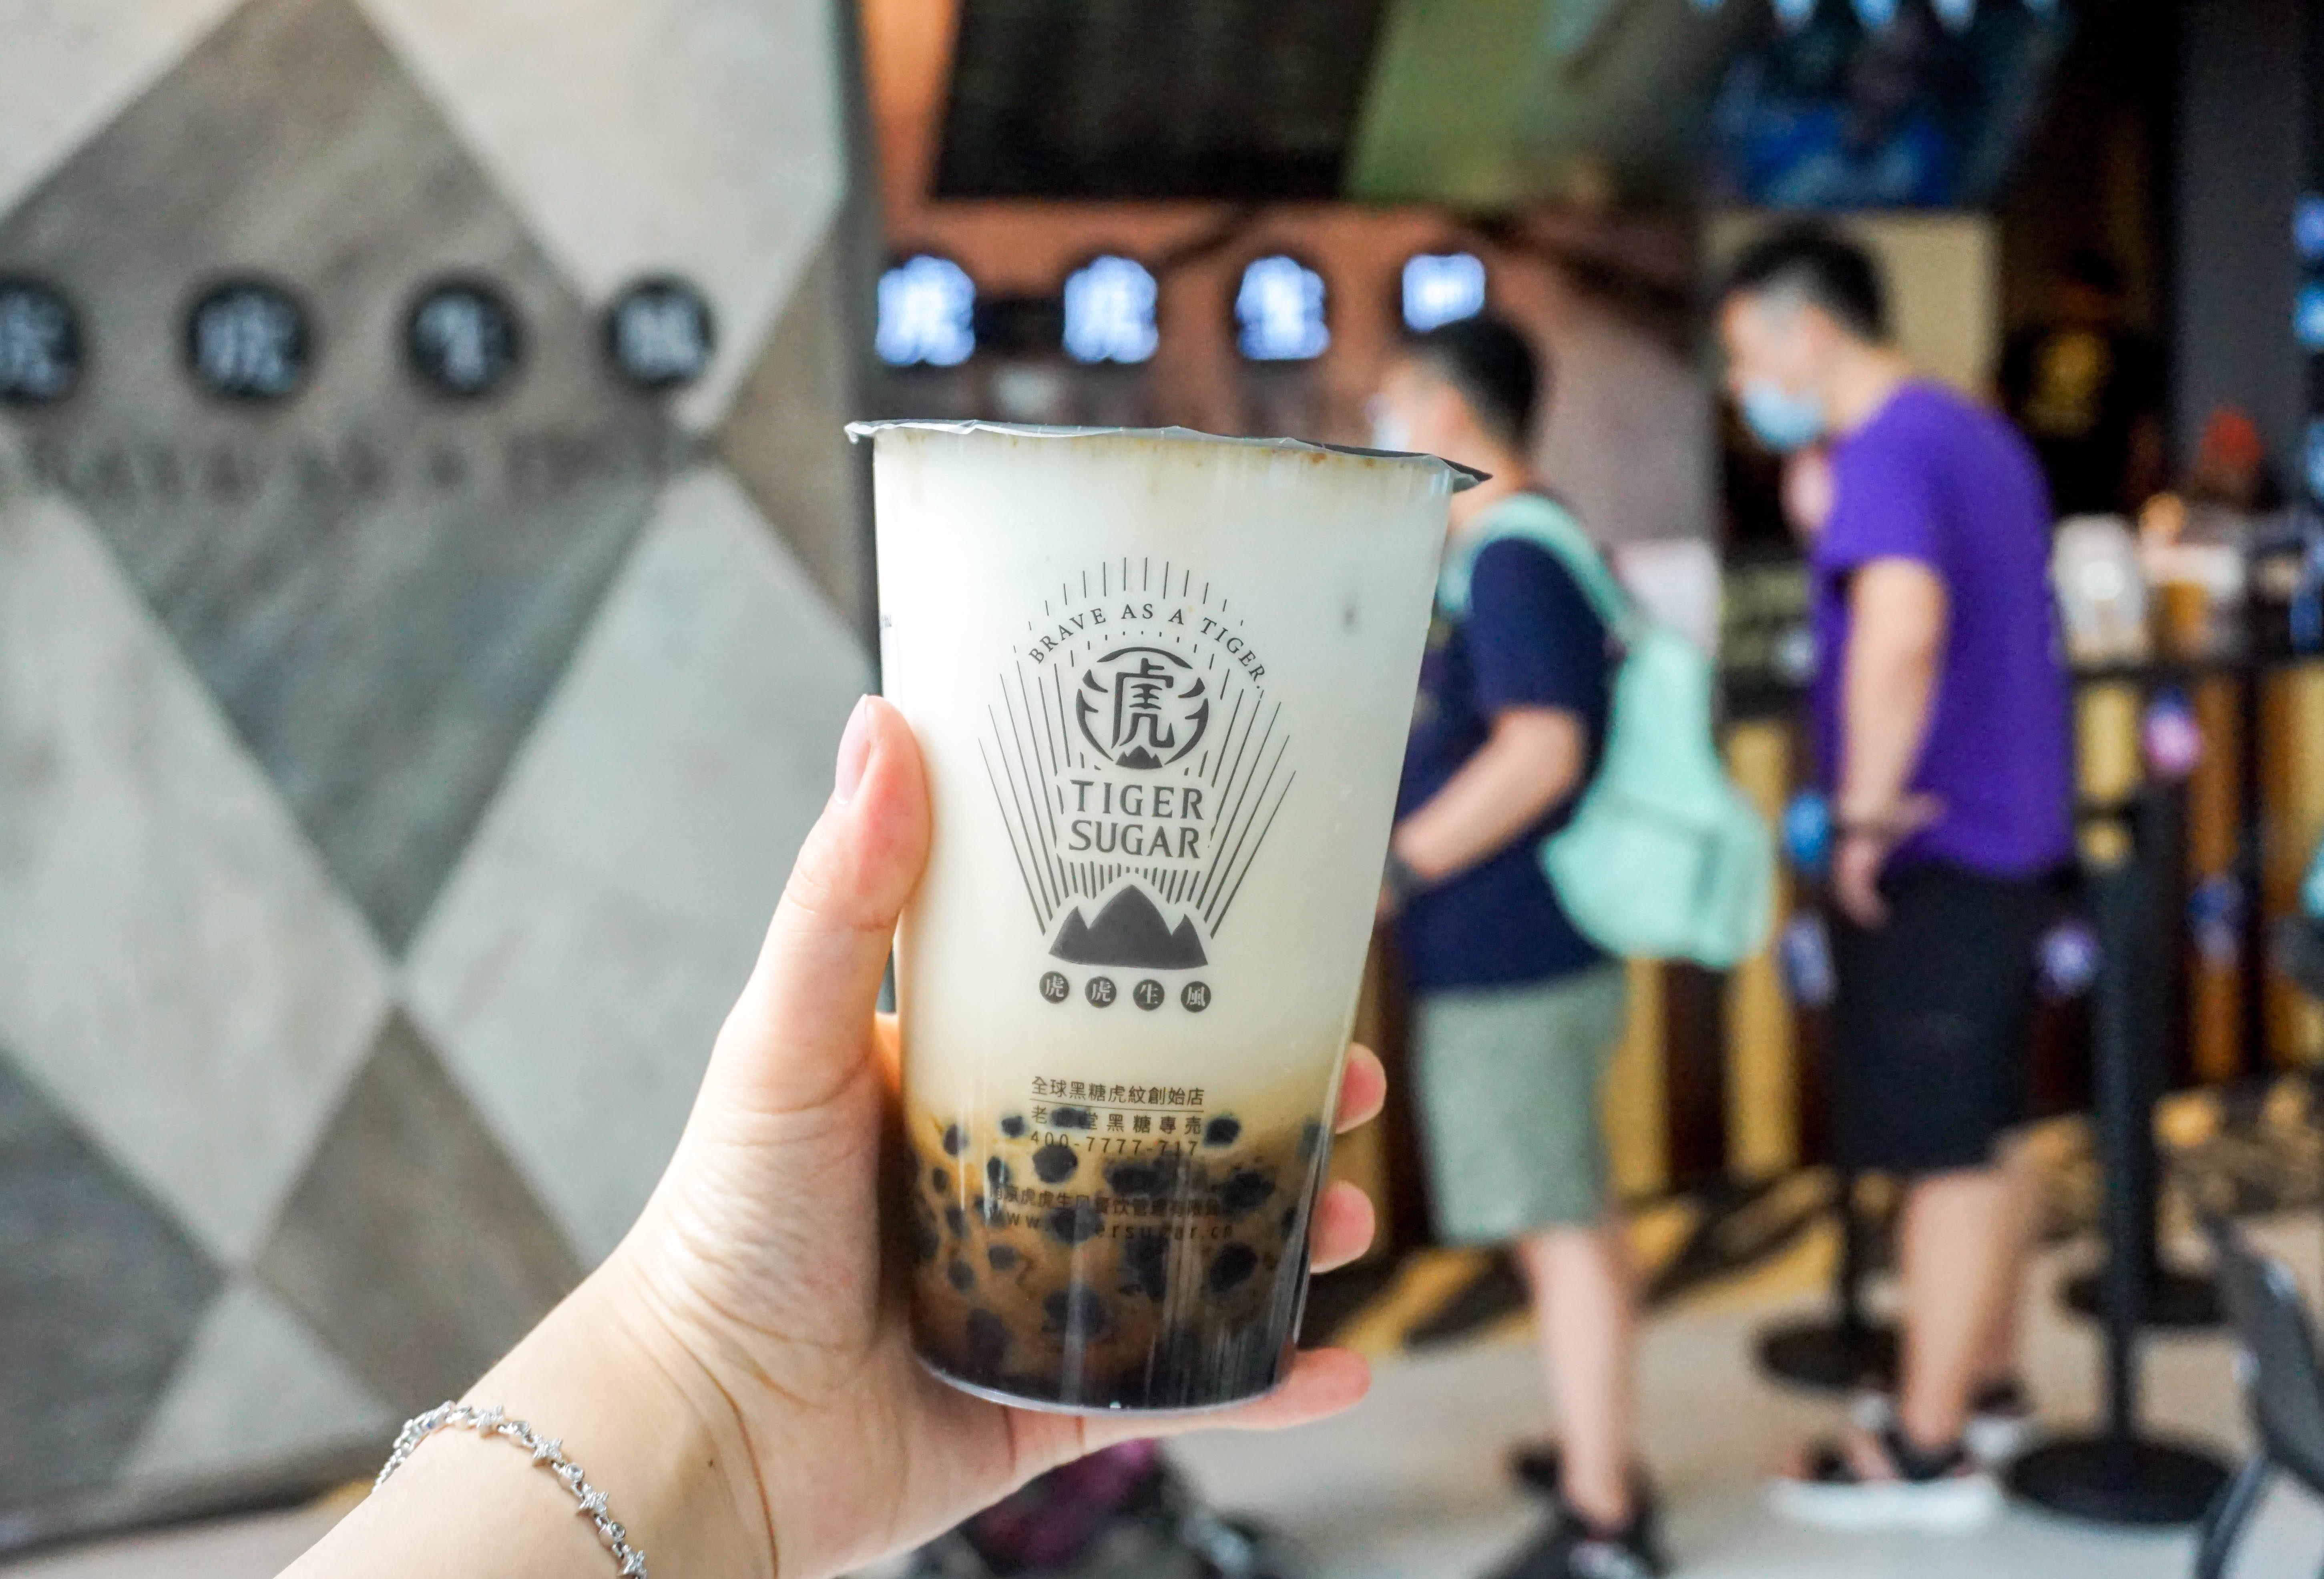 竞争激烈的茶饮赛道里,老虎堂异军突起,掀起新式奶茶新潮流 (图2)